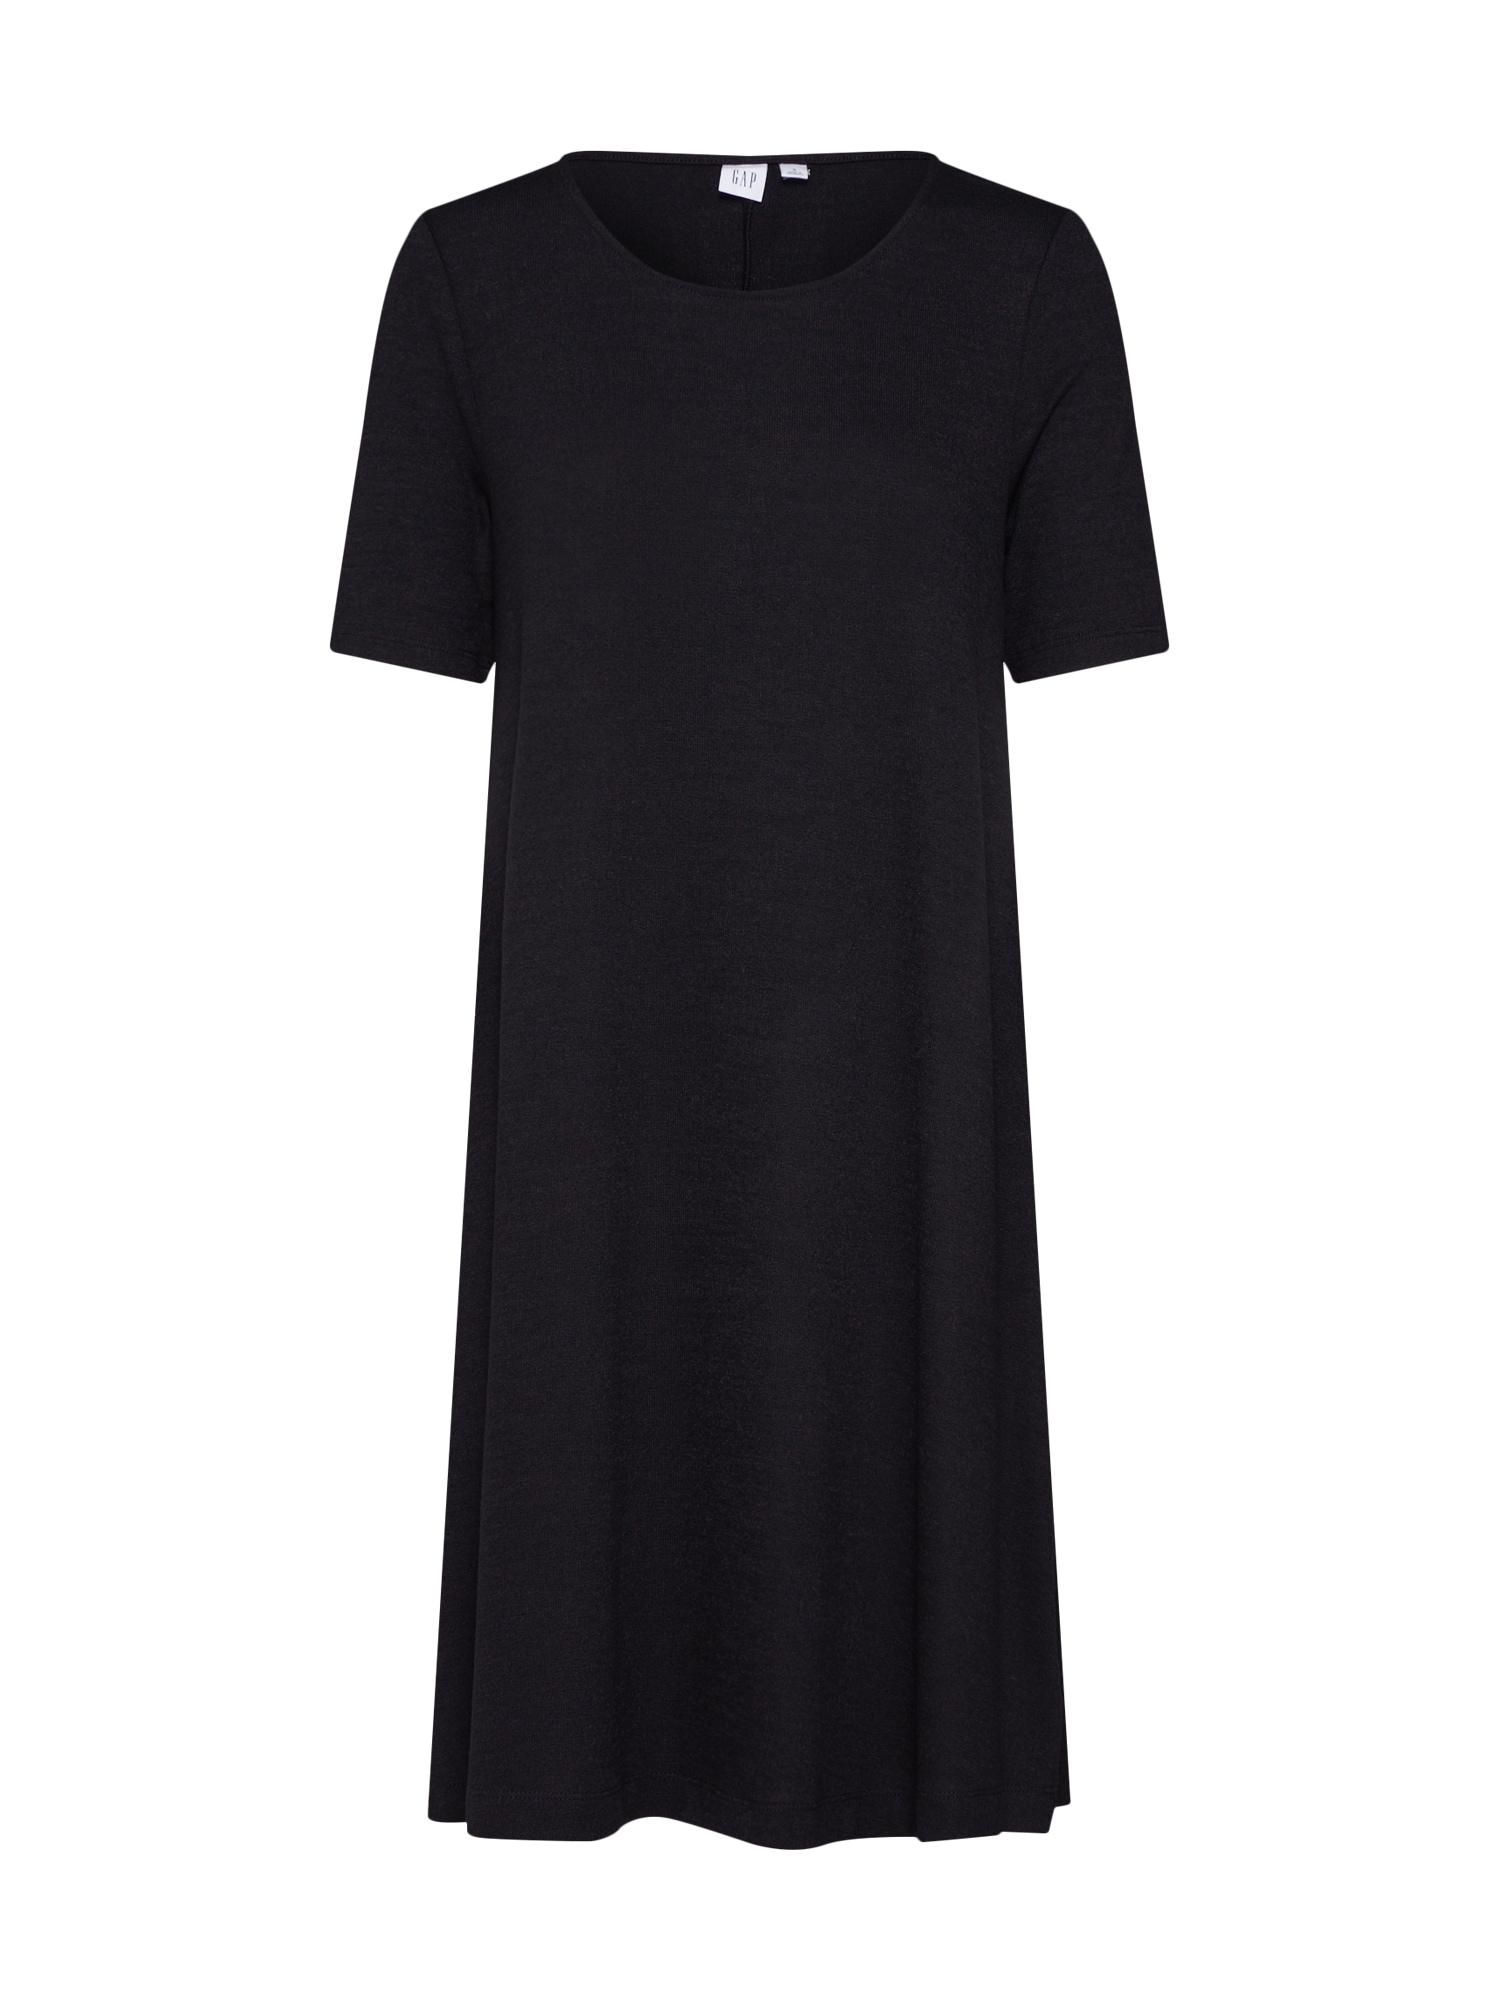 Letní šaty SSSFTSPNSWNGDRS-MARL černá GAP